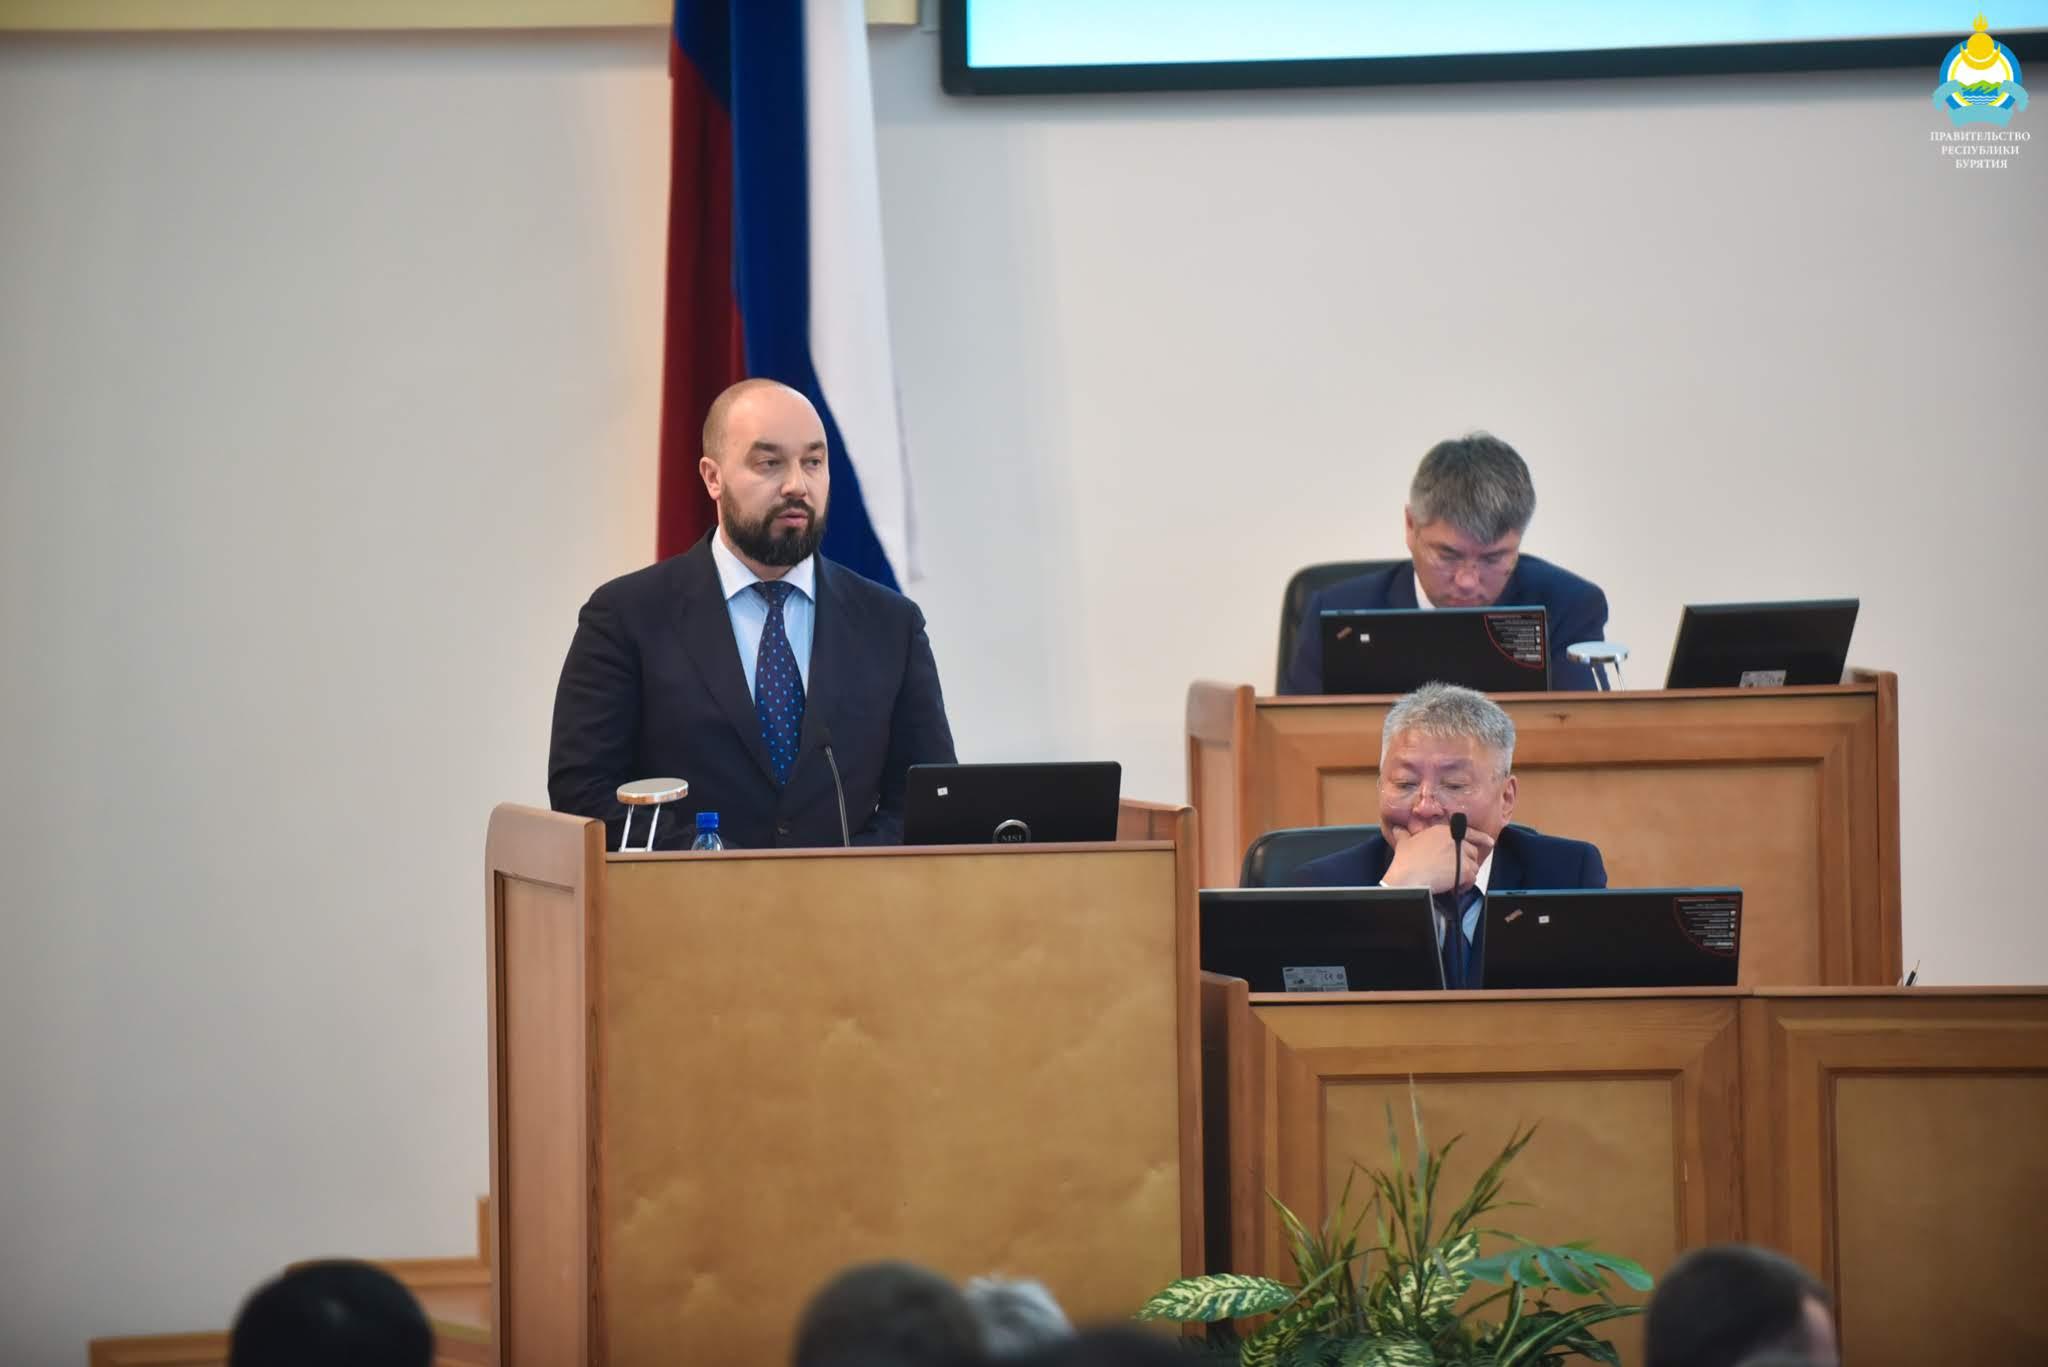 Алексей Мишенин согласован Народным Хуралом Бурятии на должность зампреда Правительства РБ по экономическому развитию